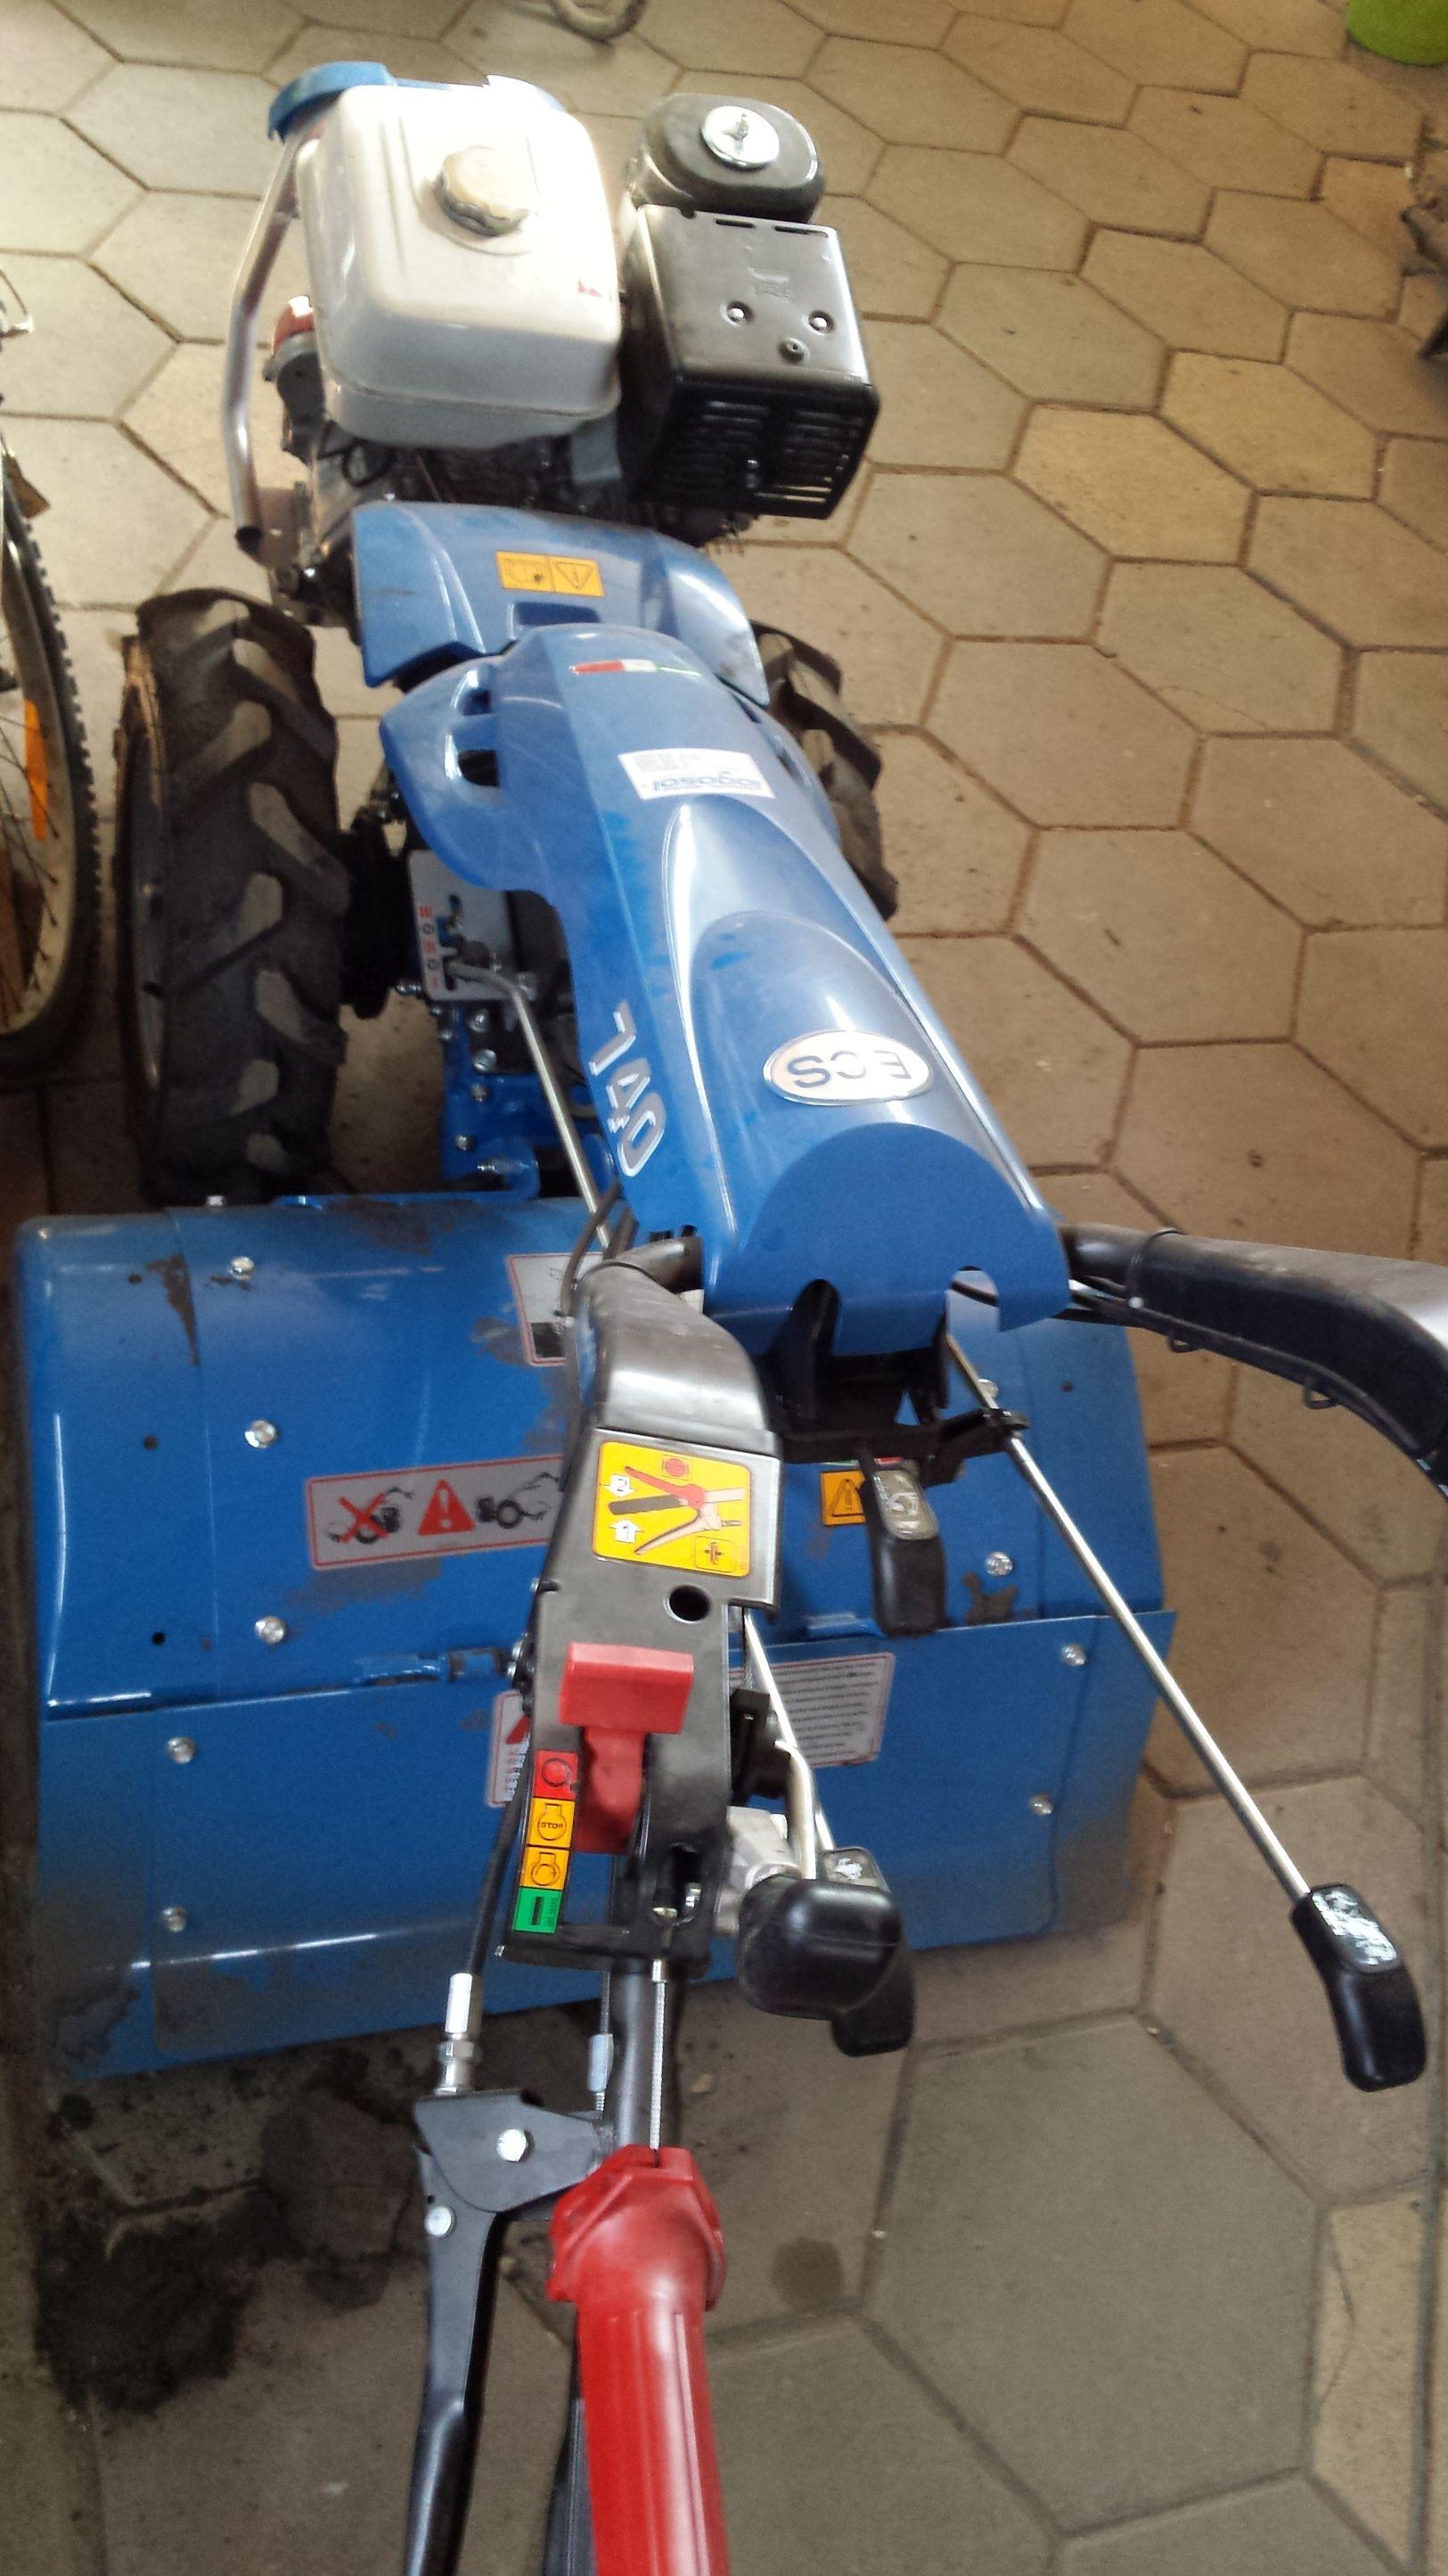 echipamente042